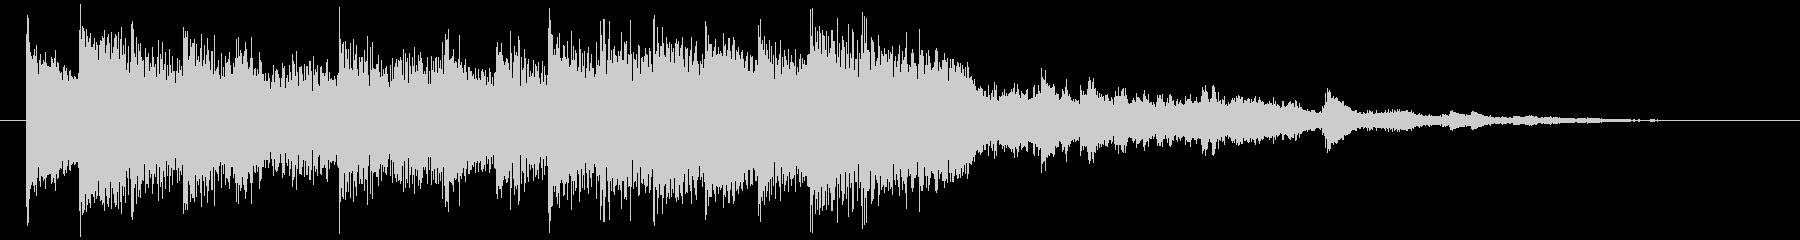 シンプルでエレガントなピアノジングルの未再生の波形